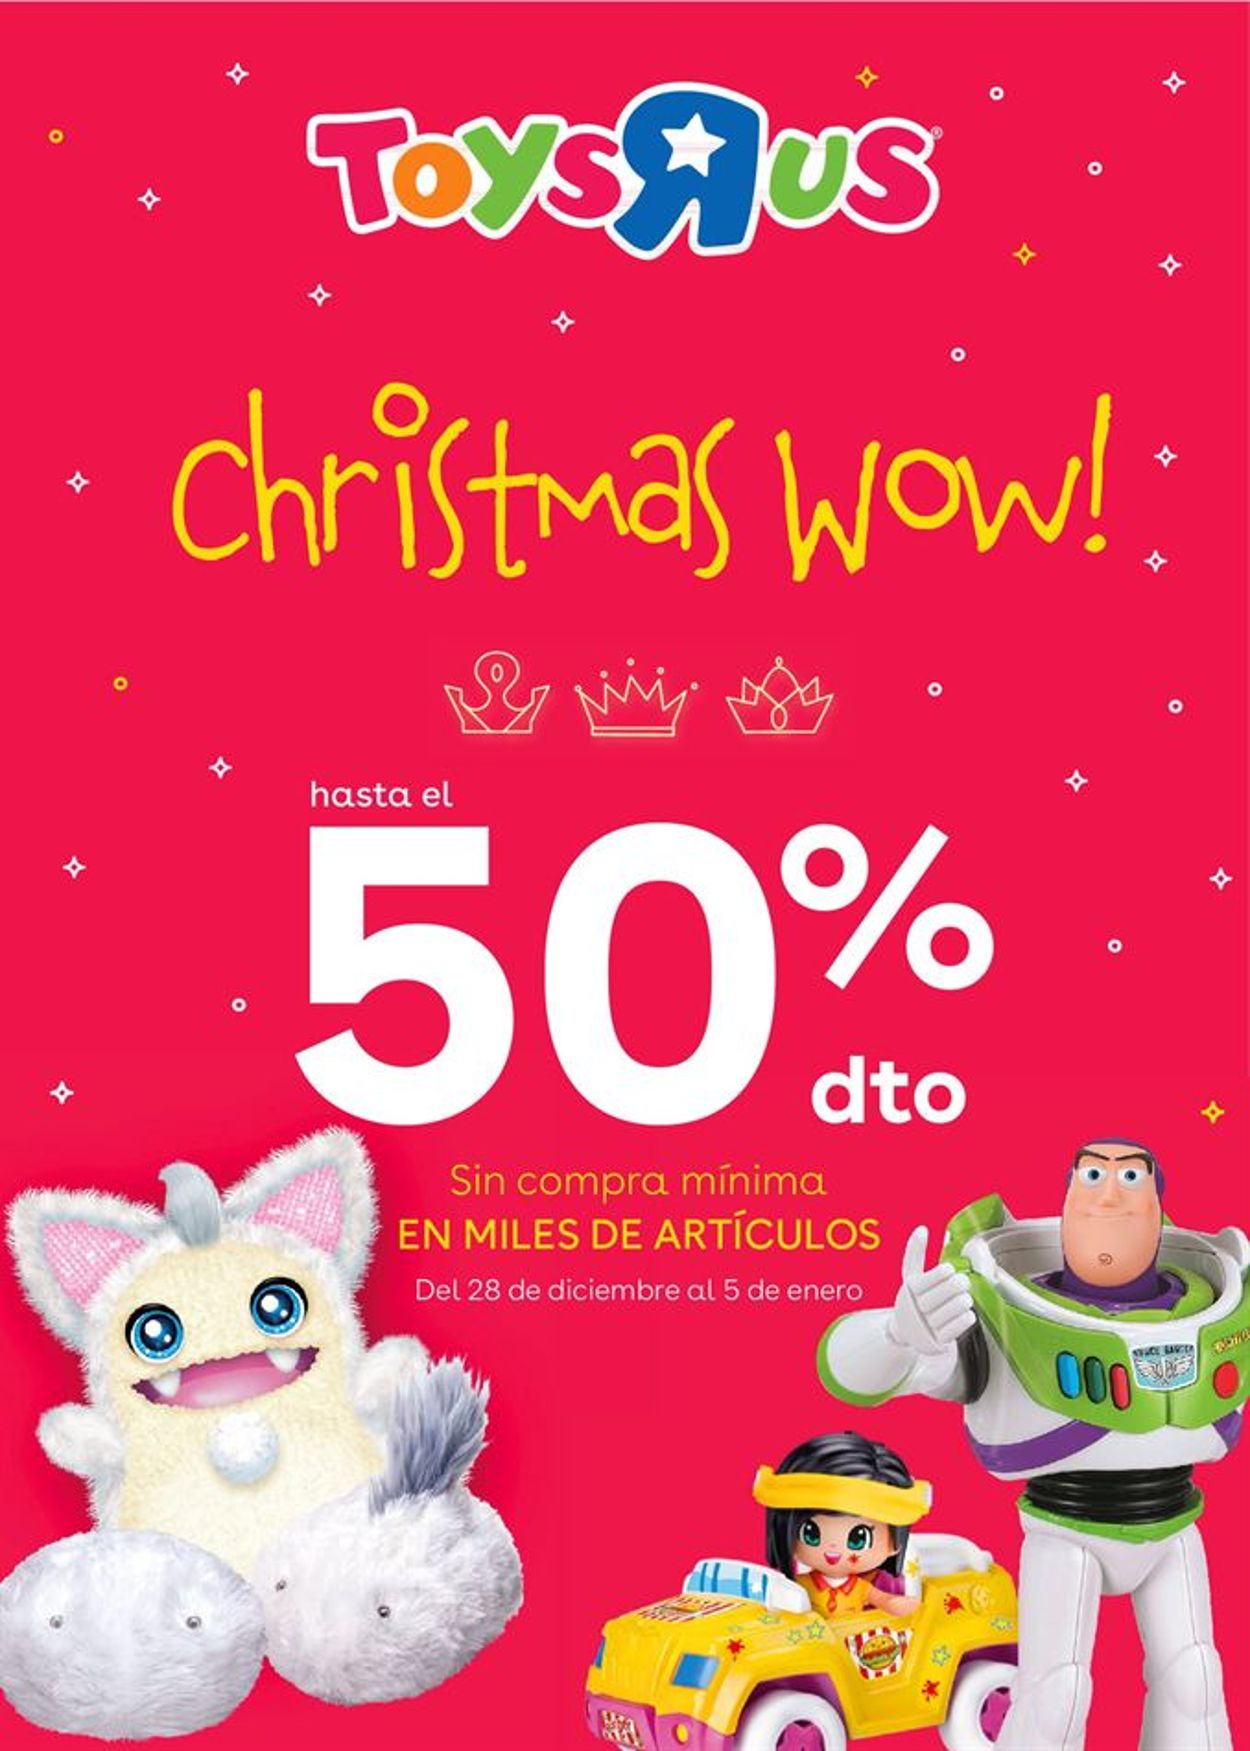 ToysRUs Christmas WOW! Folleto - 28.12-05.01.2021